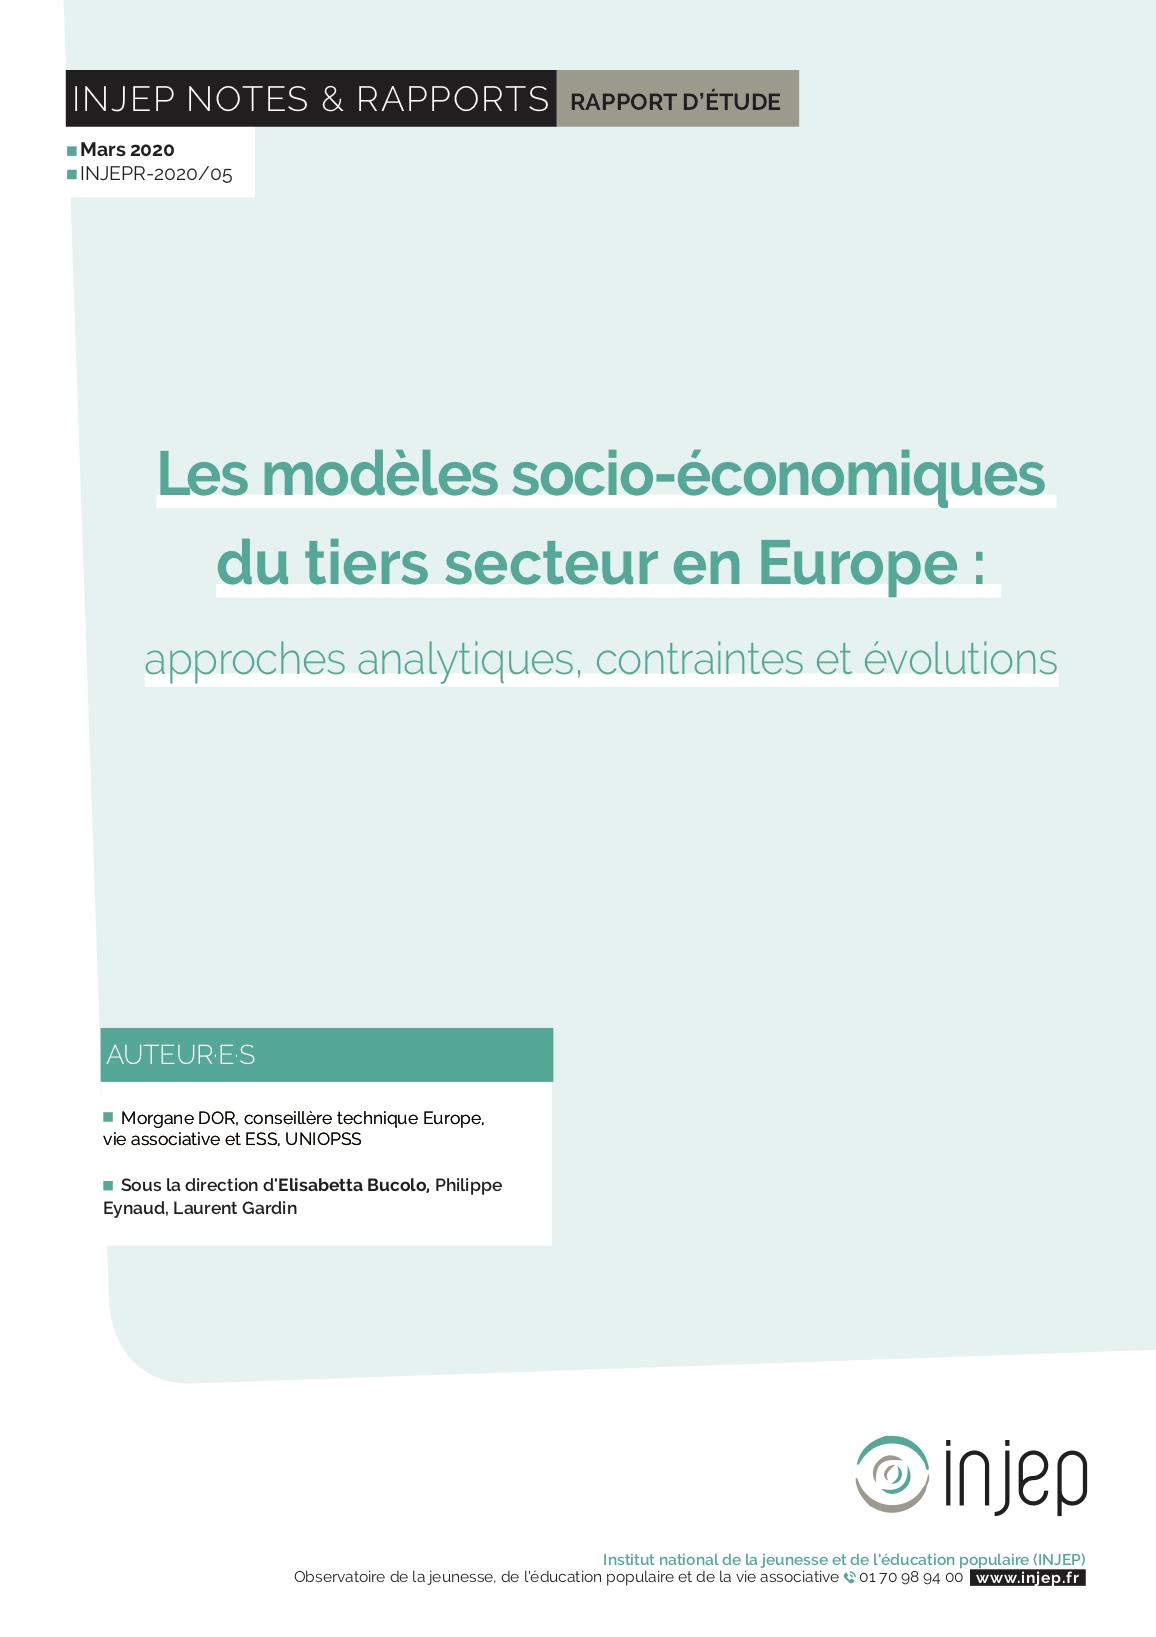 Les modèles socio-économiques du tiers secteur en Europe